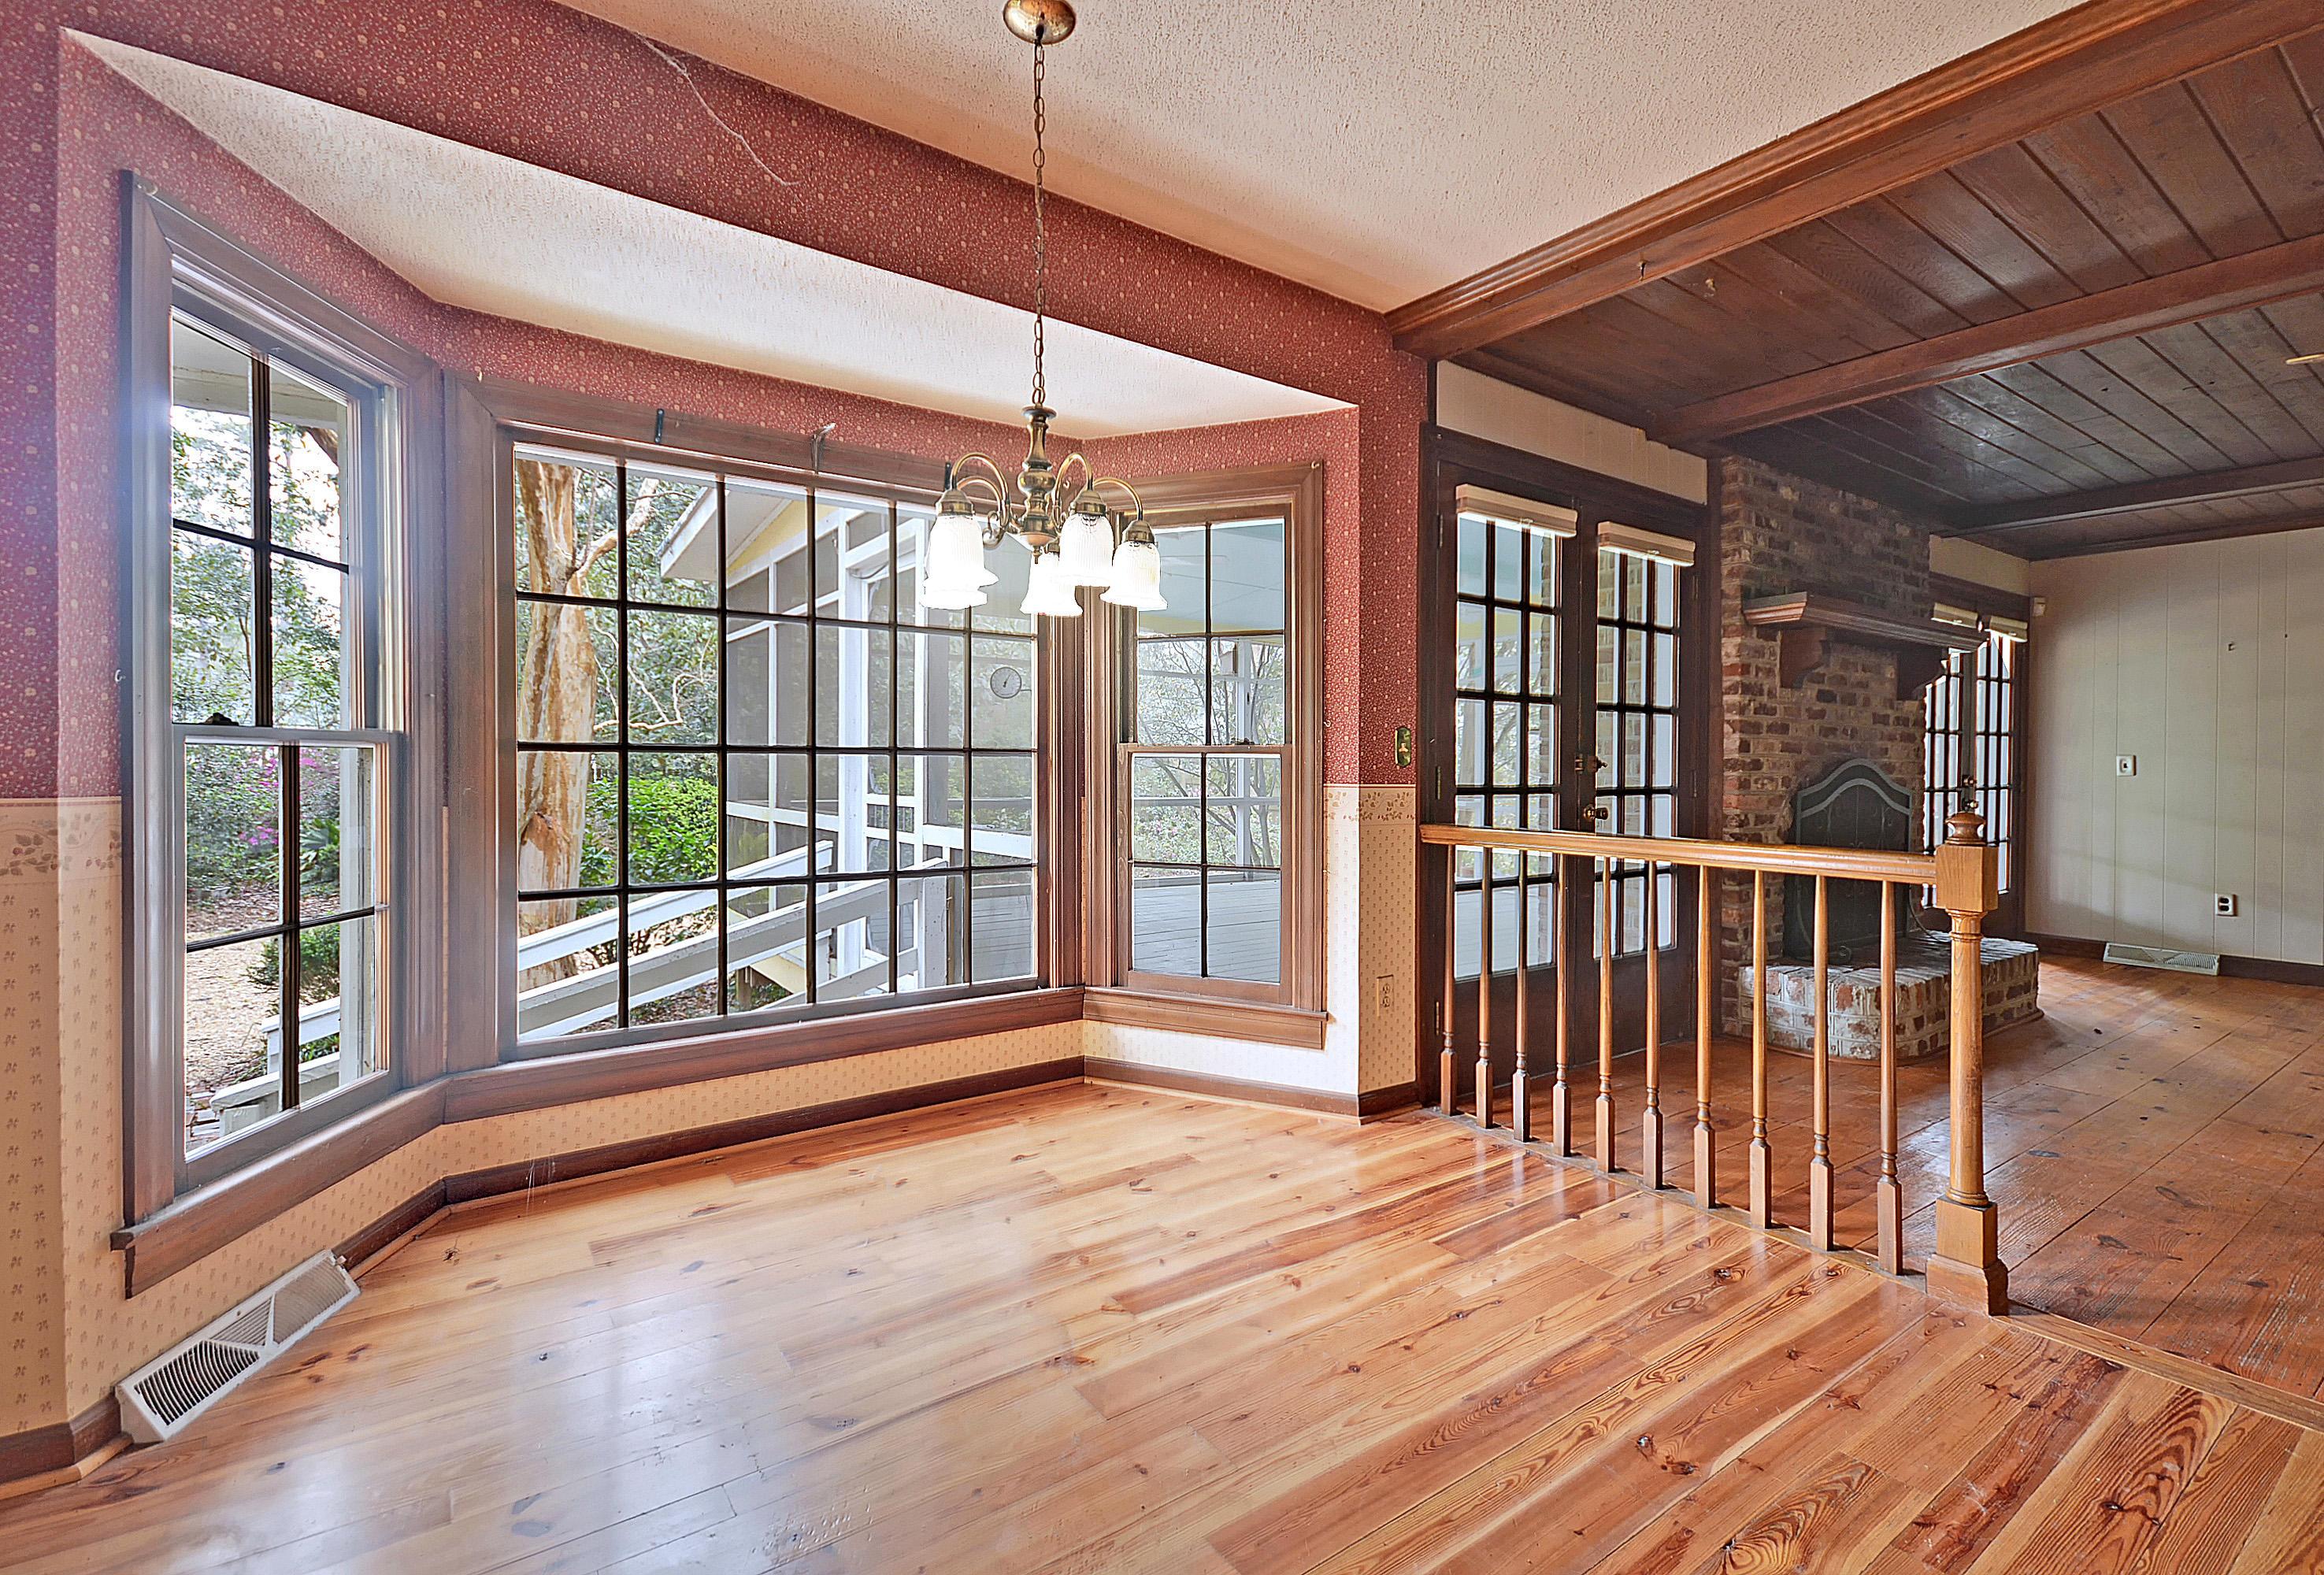 Pine Forest Inn Homes For Sale - 98 President, Summerville, SC - 1